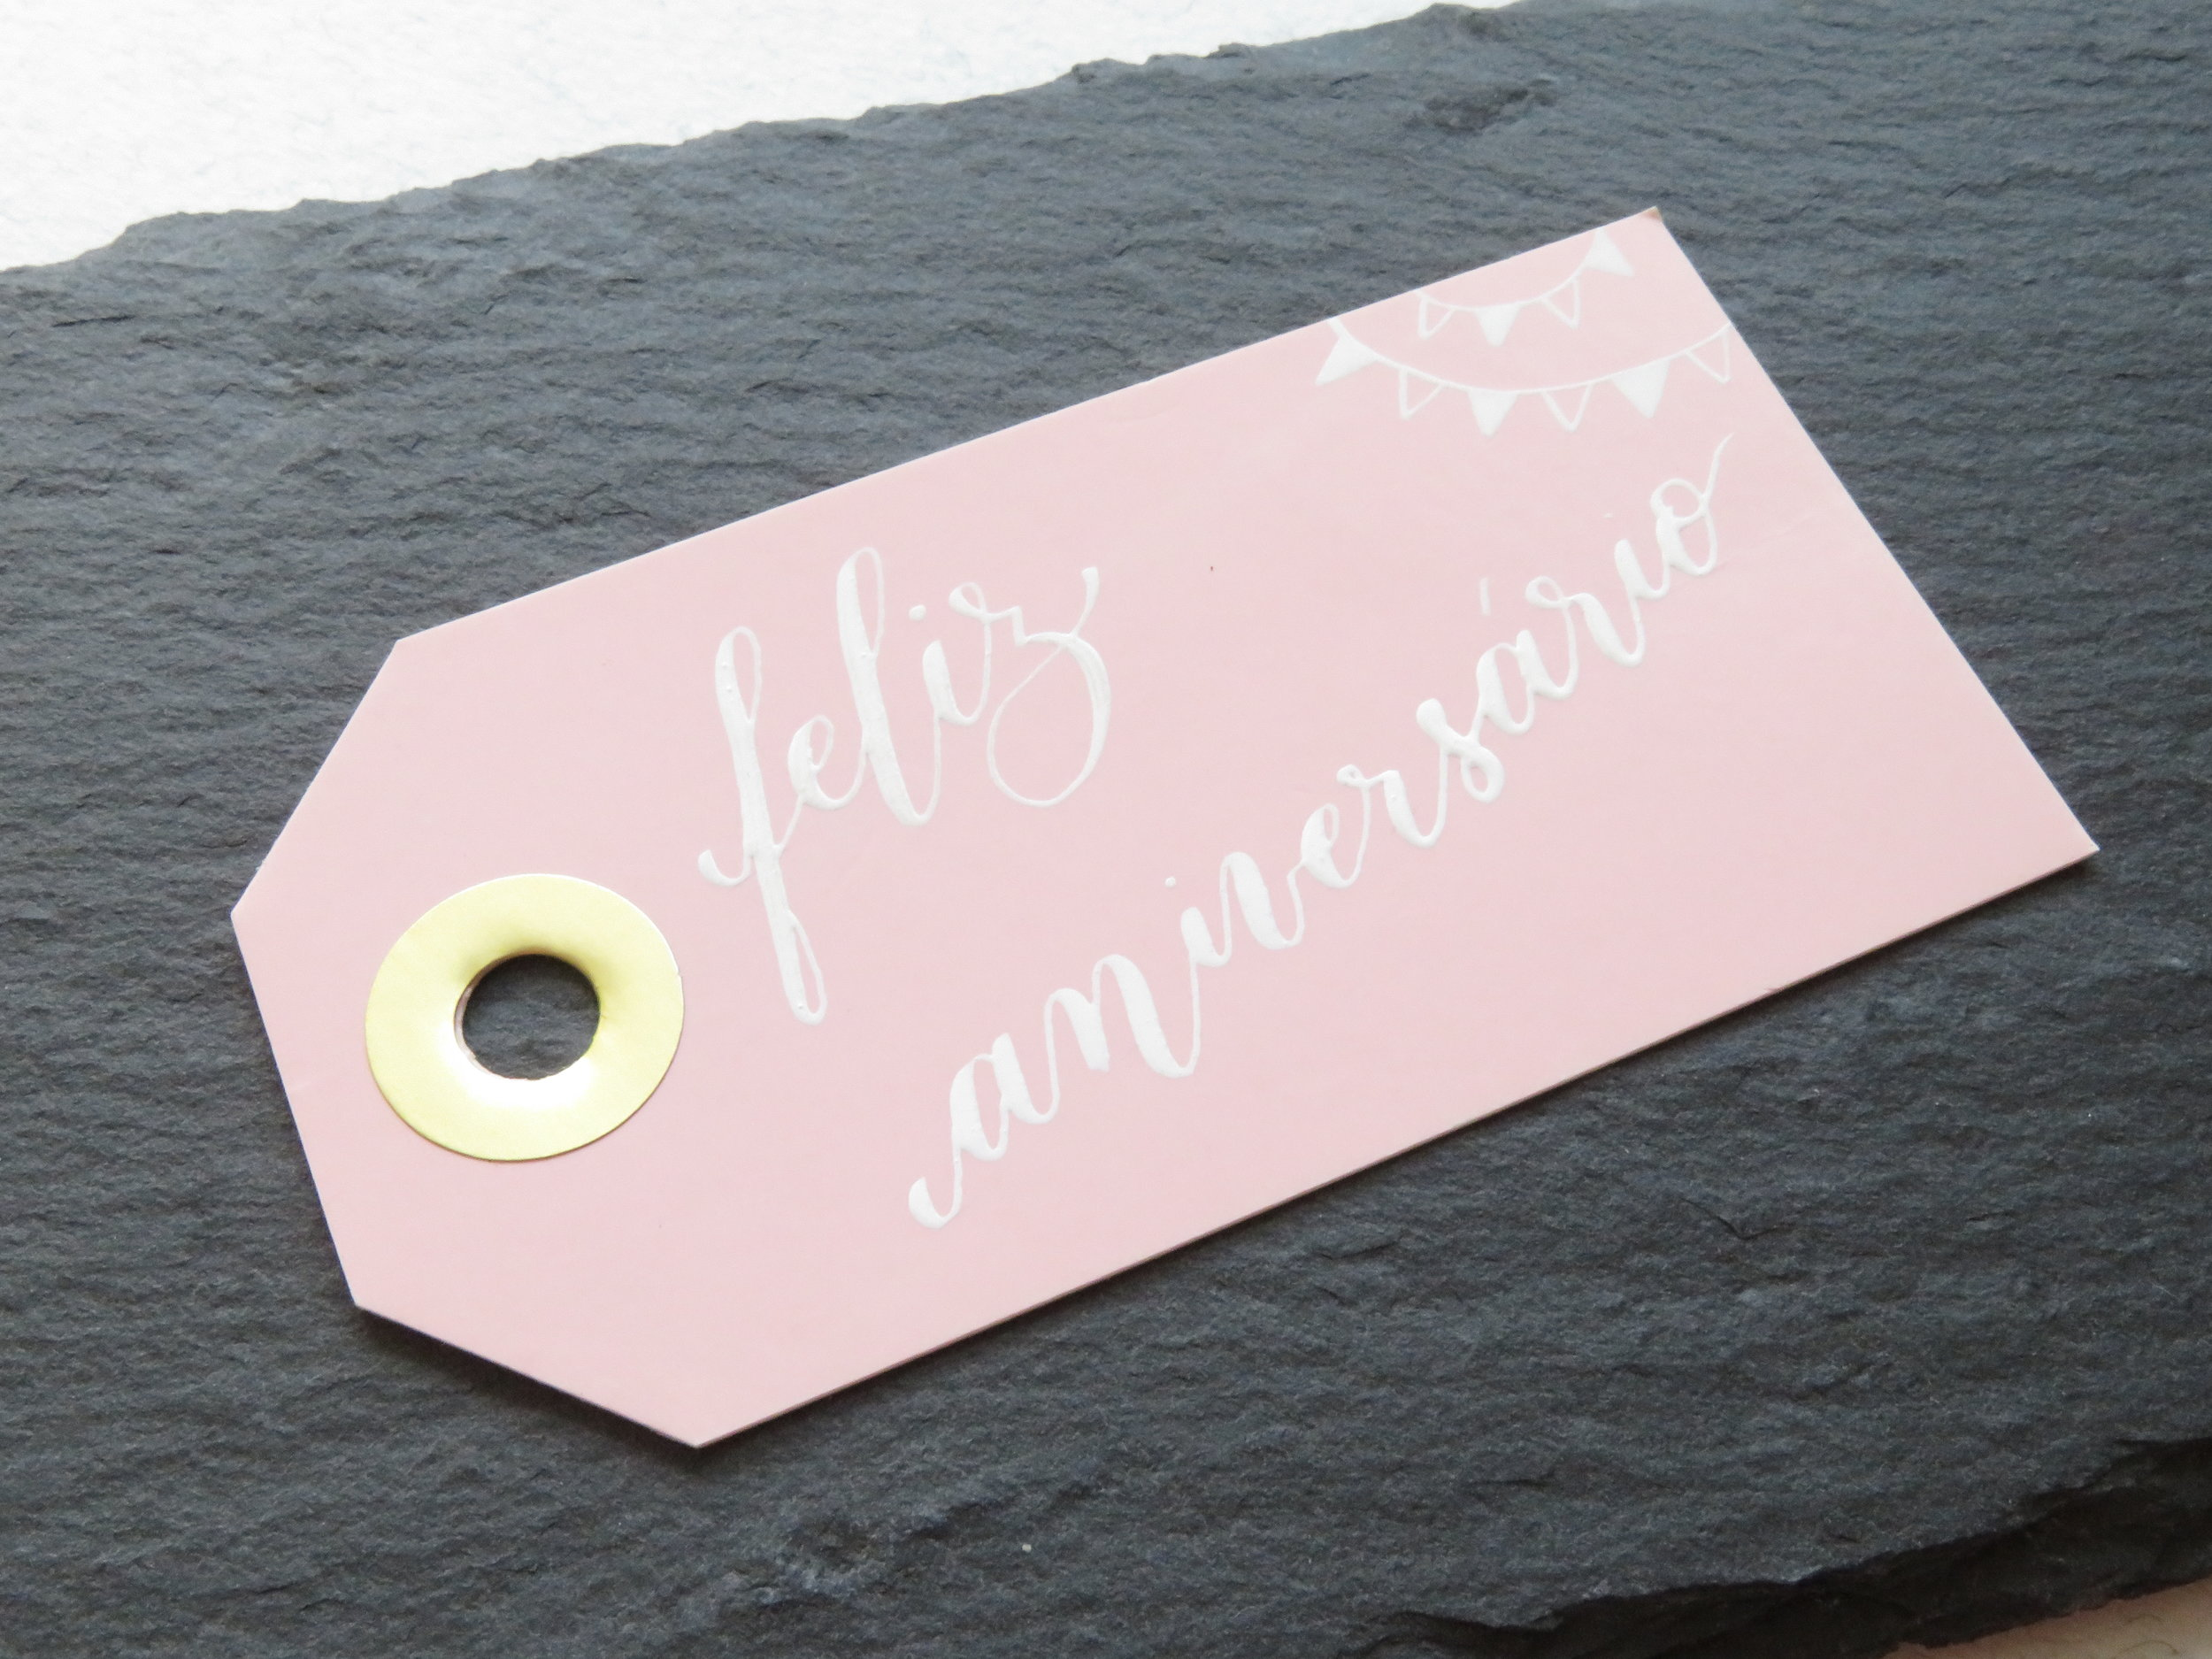 Storytime Calligraphy Design Etiqueta de Aniversário